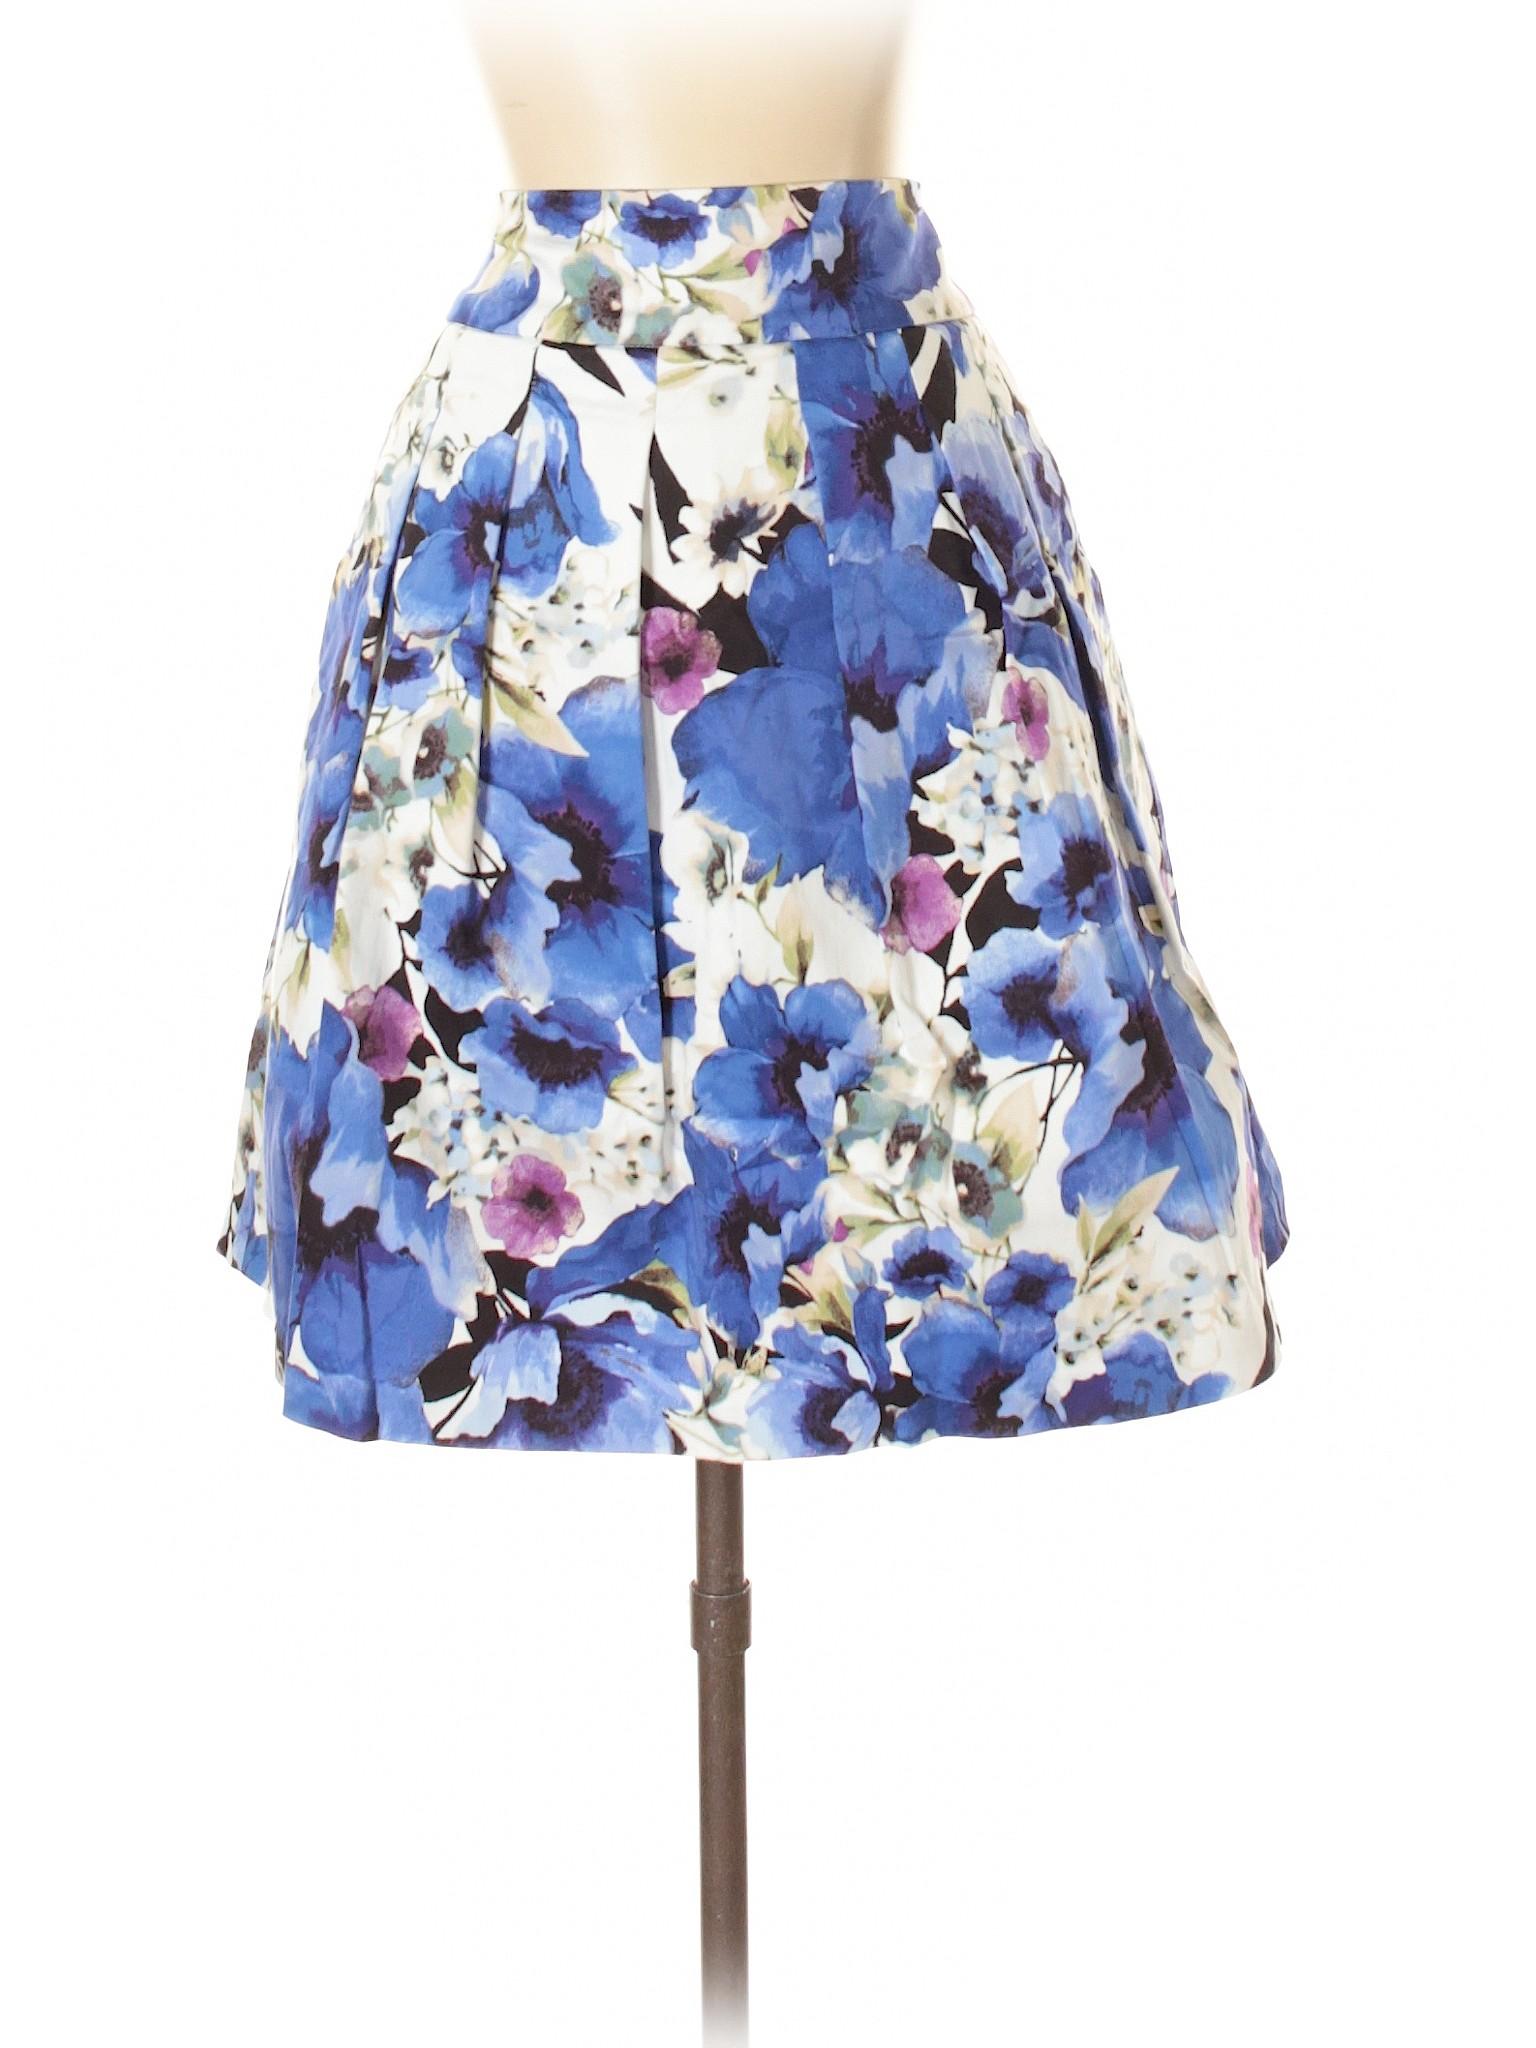 Market White Black winter Casual House Skirt Leisure 6HTBnqx